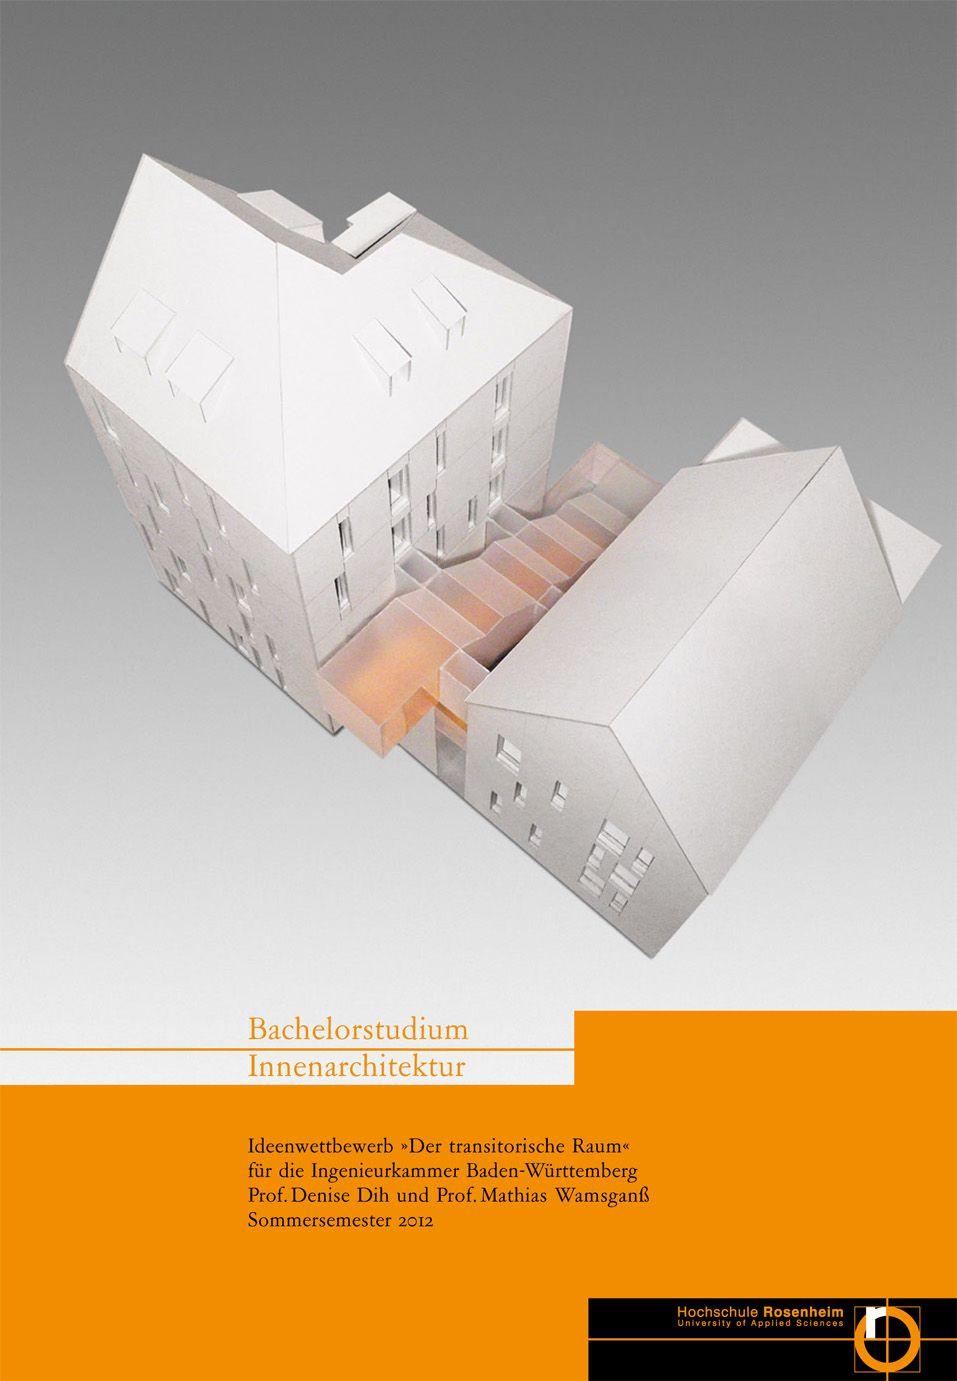 Forschungsbericht ideenwettbewerb der transitorische for Literatur innenarchitektur